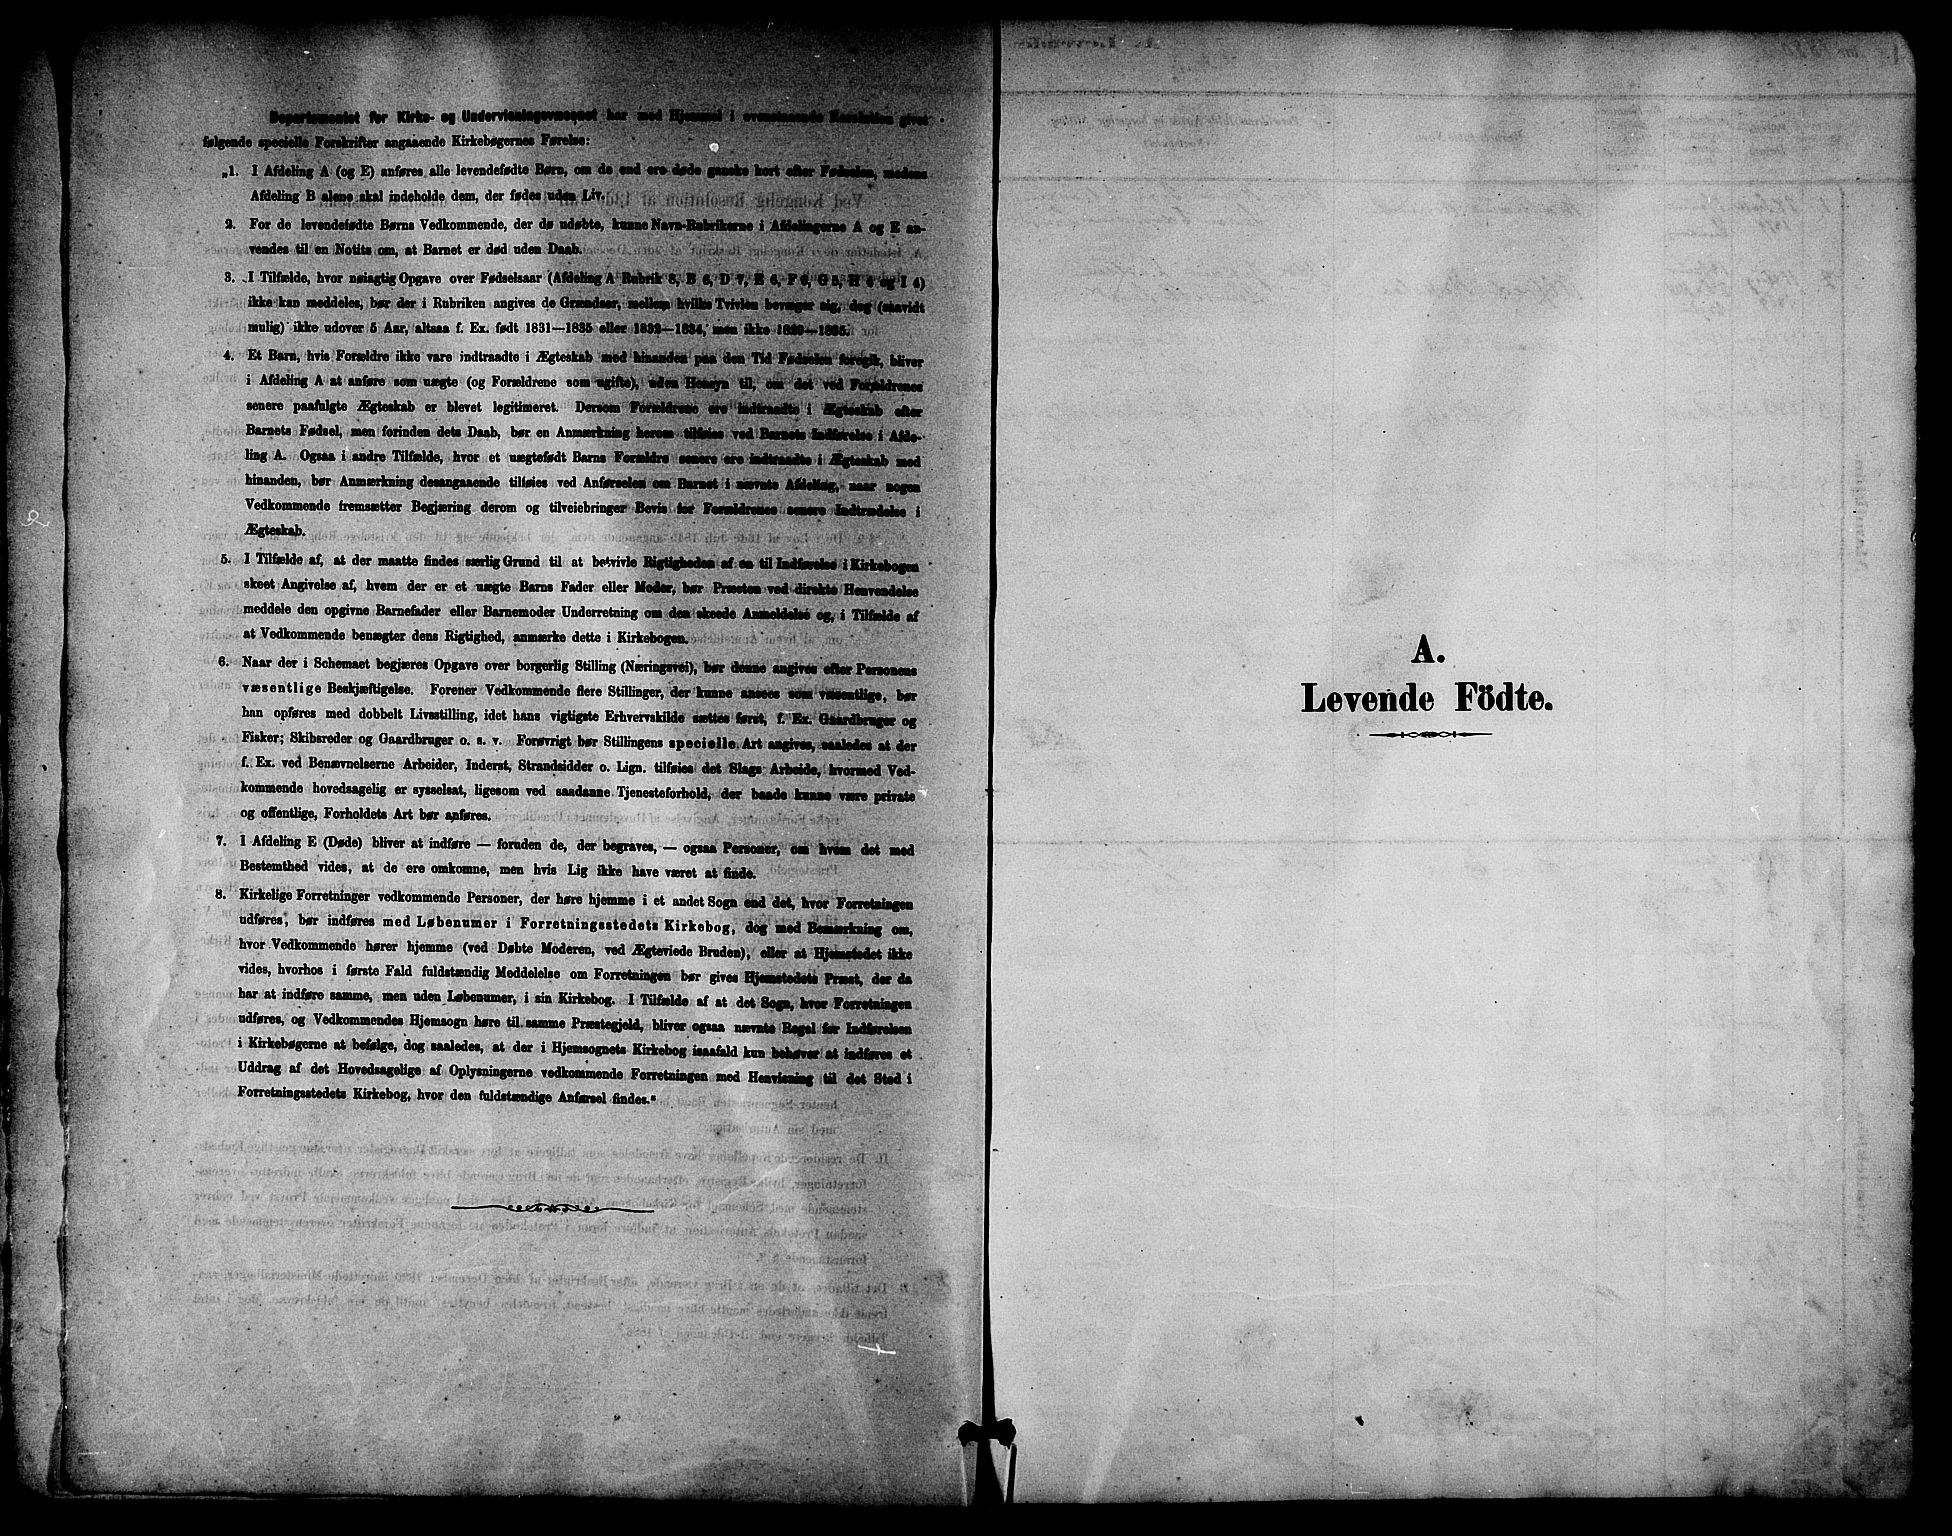 SAT, Ministerialprotokoller, klokkerbøker og fødselsregistre - Nord-Trøndelag, 784/L0672: Ministerialbok nr. 784A07, 1880-1887